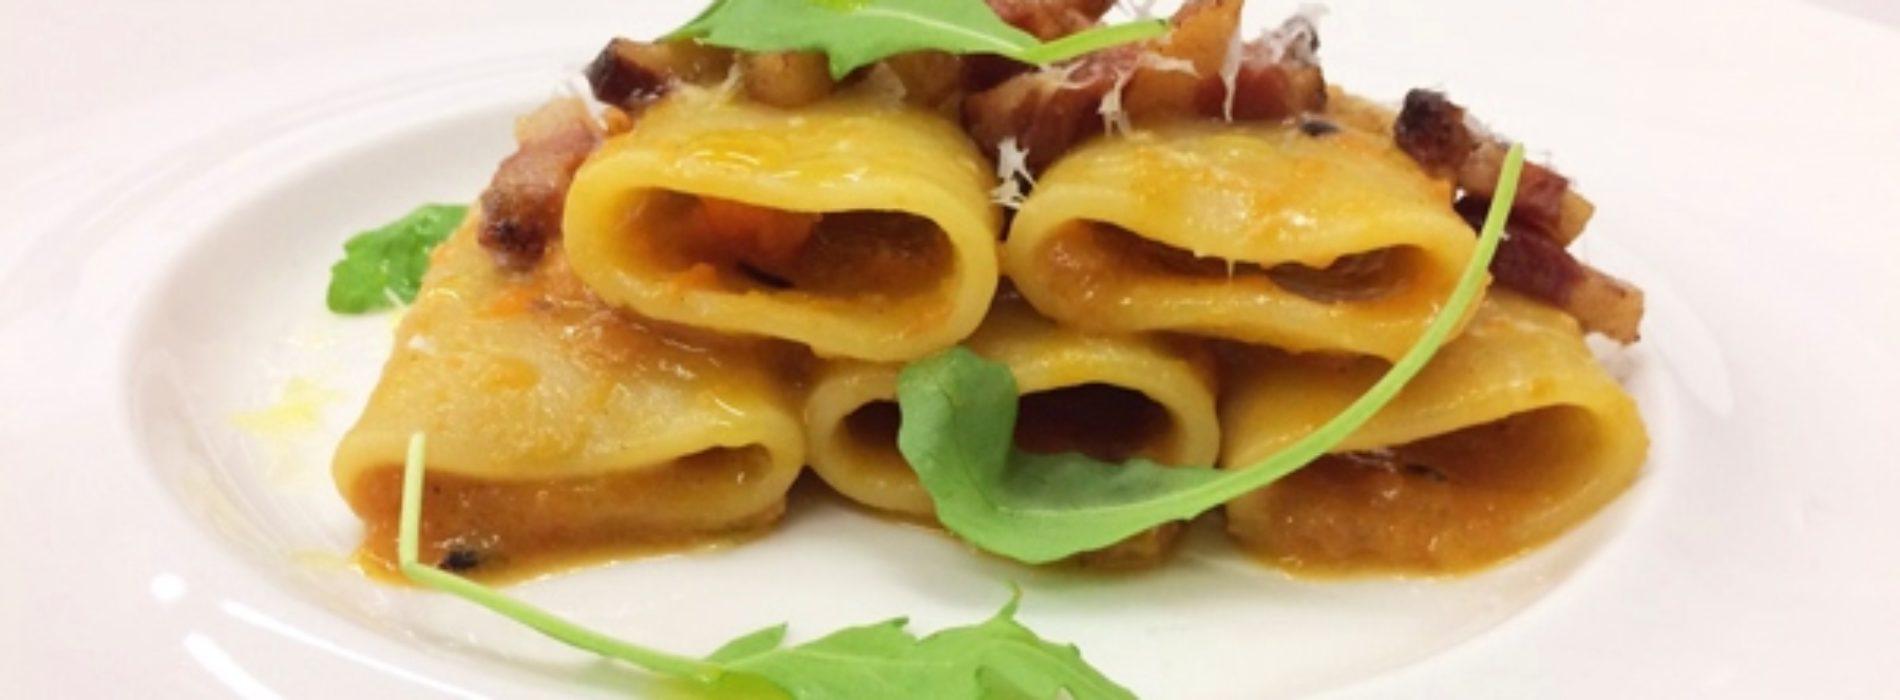 Paccheri di Gragnano alla zucca guanciale e pecorino ricetta